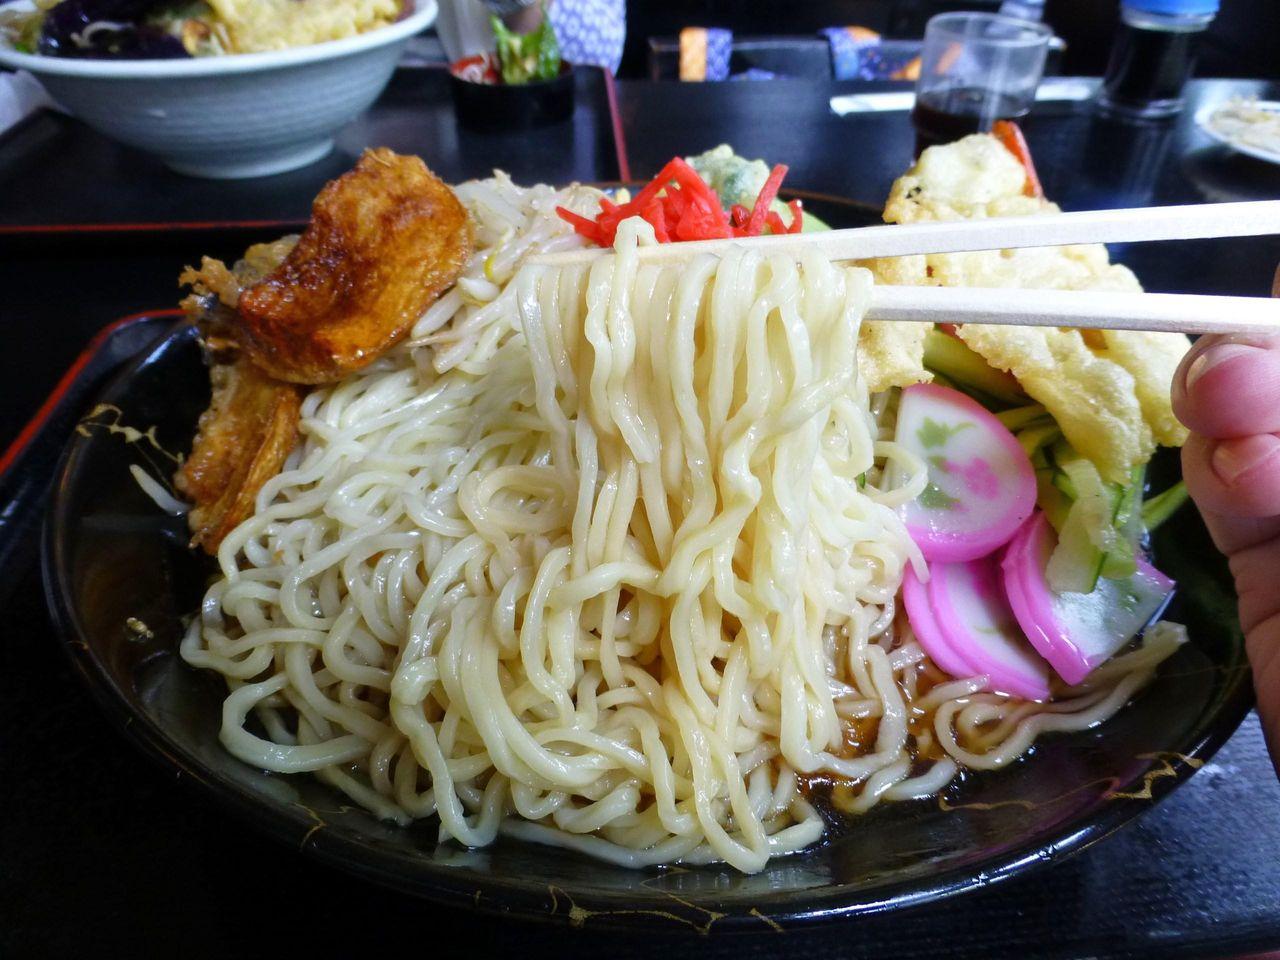 中太麺と甘酸っぱいつゆが良く合います!